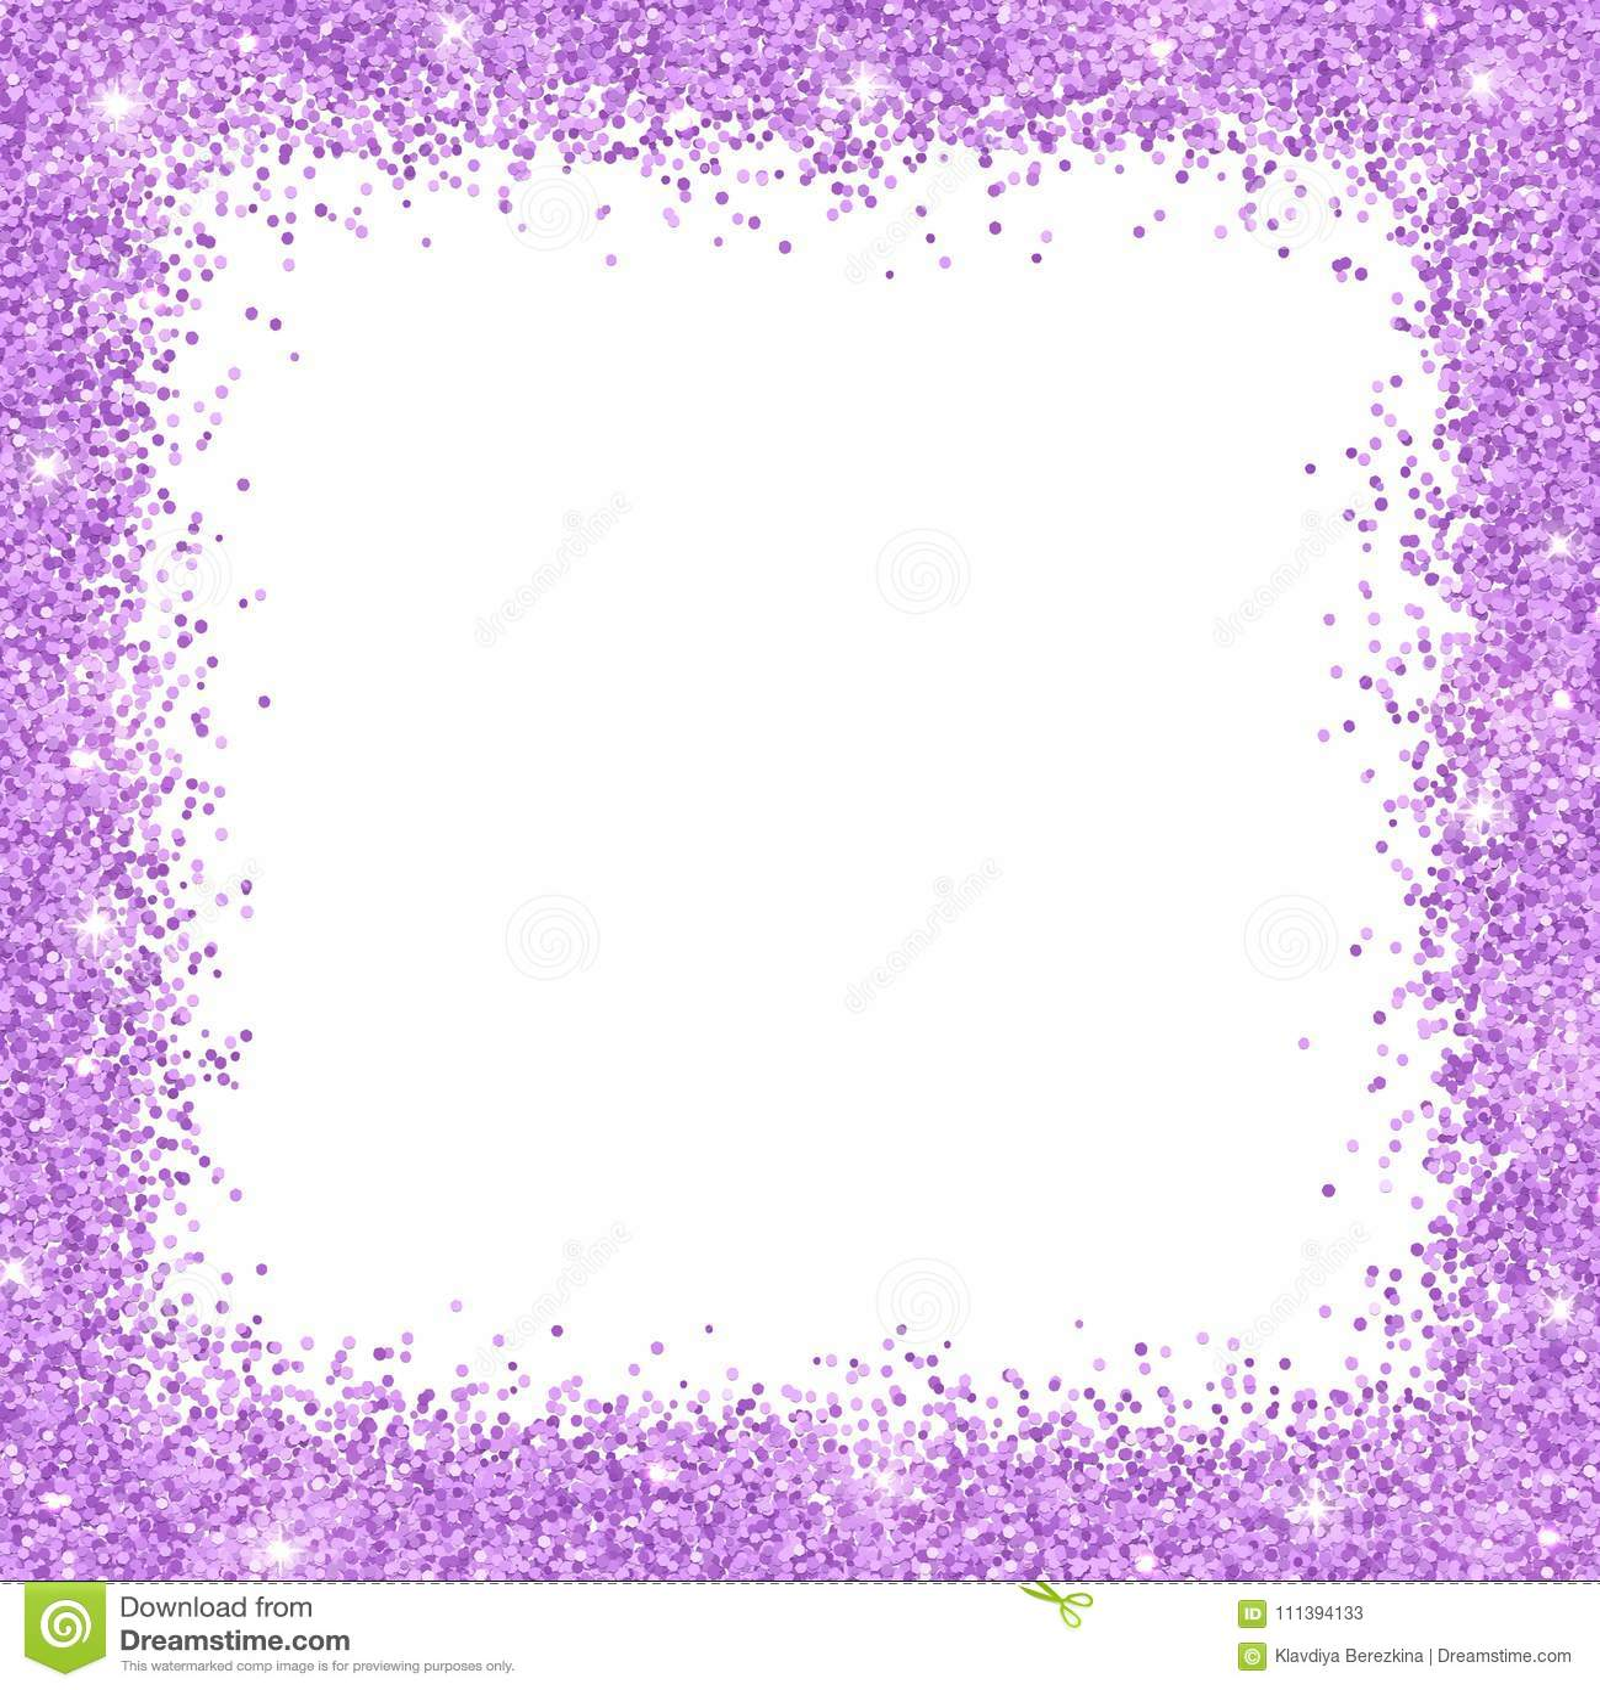 Lilac Glitter Border Frame On White Background. Vector Stock Vector ...